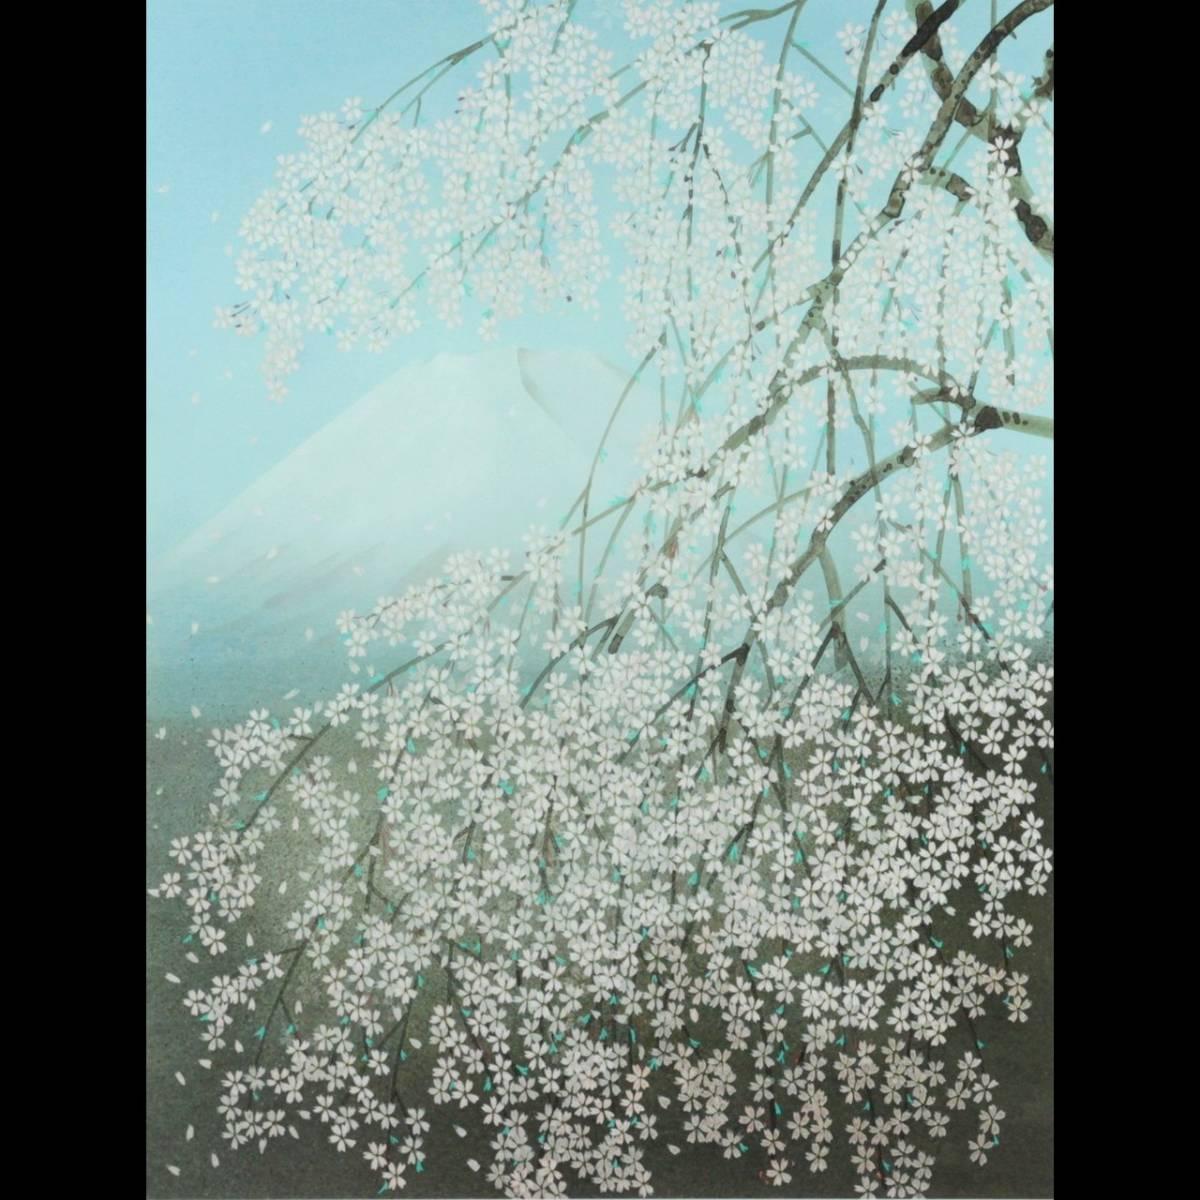 ◆廻◆ 真作保証 中島千波 「櫻花富士」 リトグラフ 106/220 直筆サイン タトウ箱 [N224]Wd/11MY/(180)